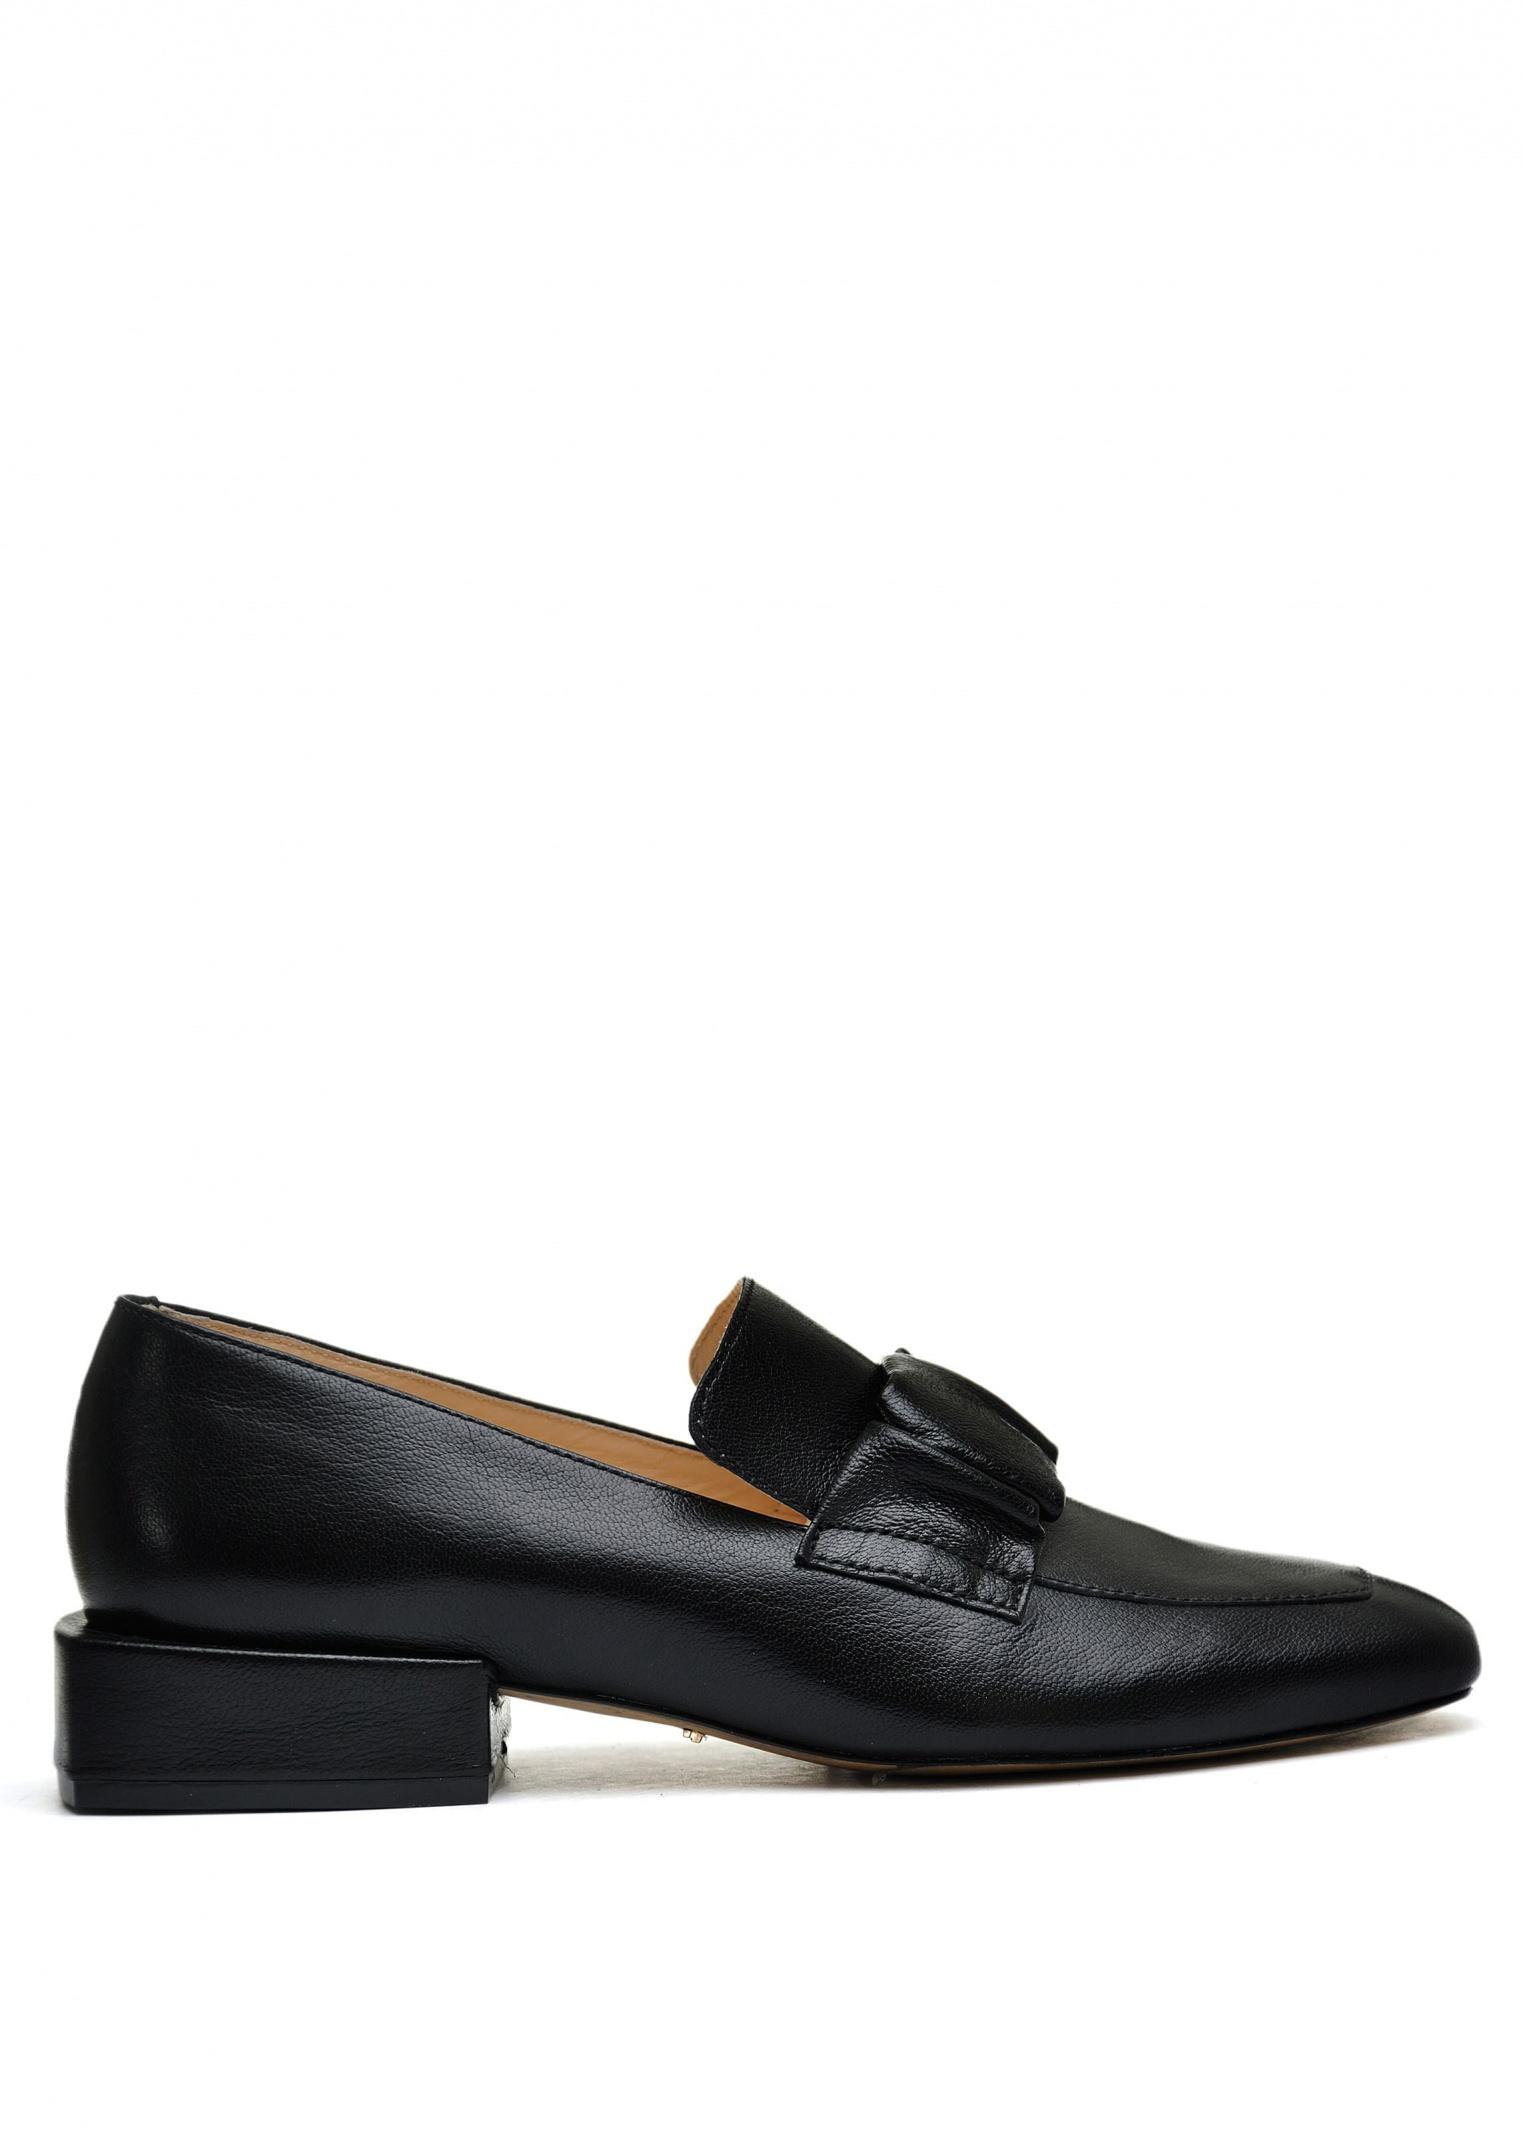 Туфлі  для жінок Modus Vivendi 887041 брендове взуття, 2017